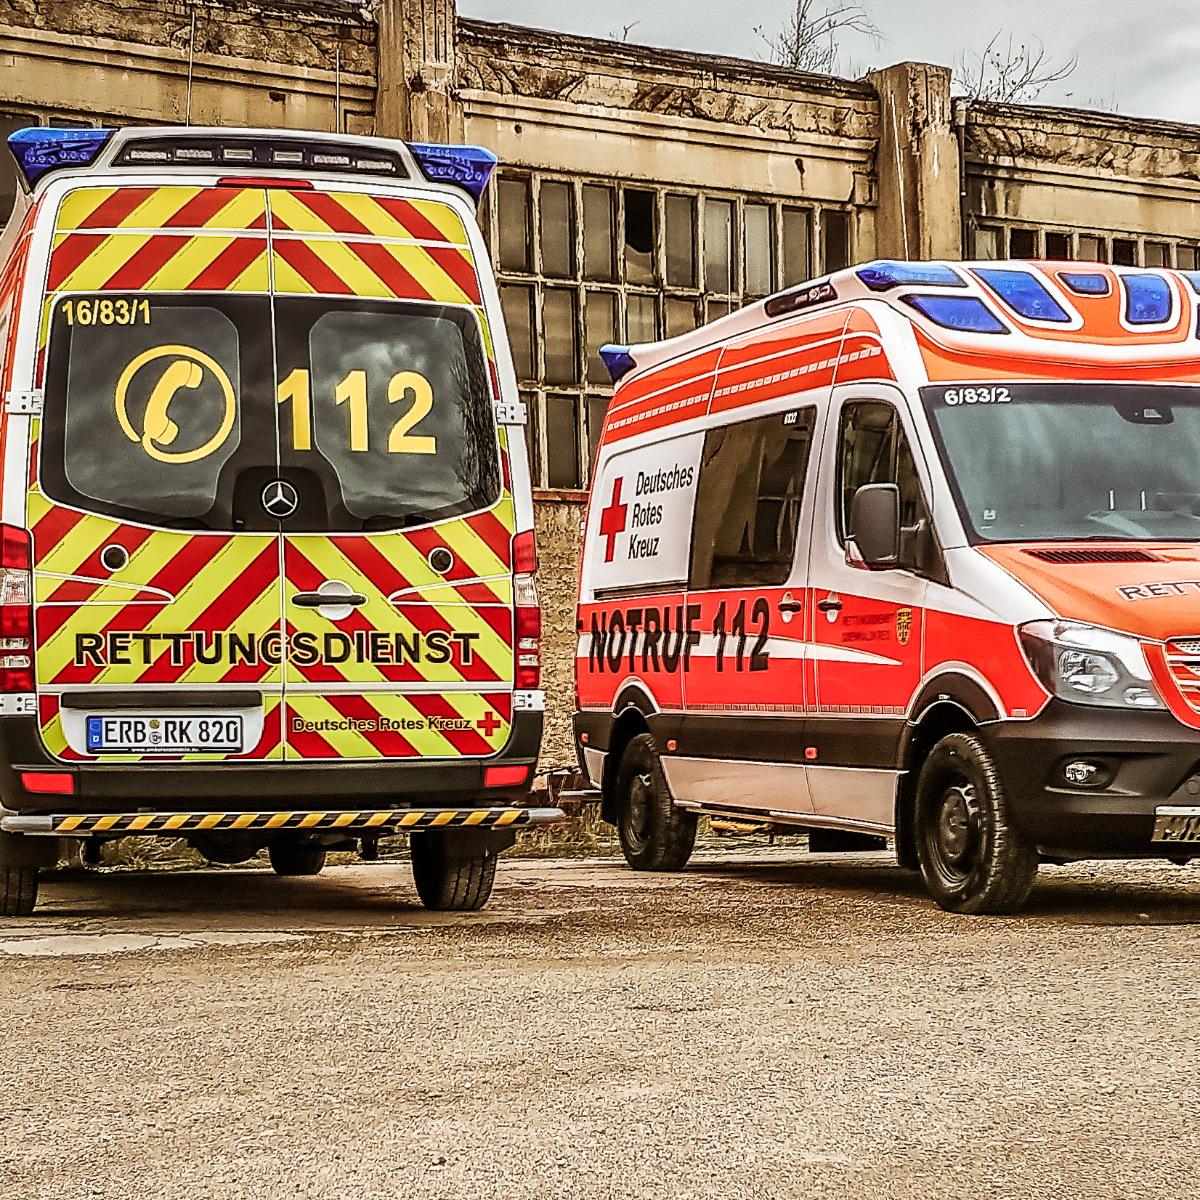 Rettungswagen des DRK Odenwaldkreis e.V.